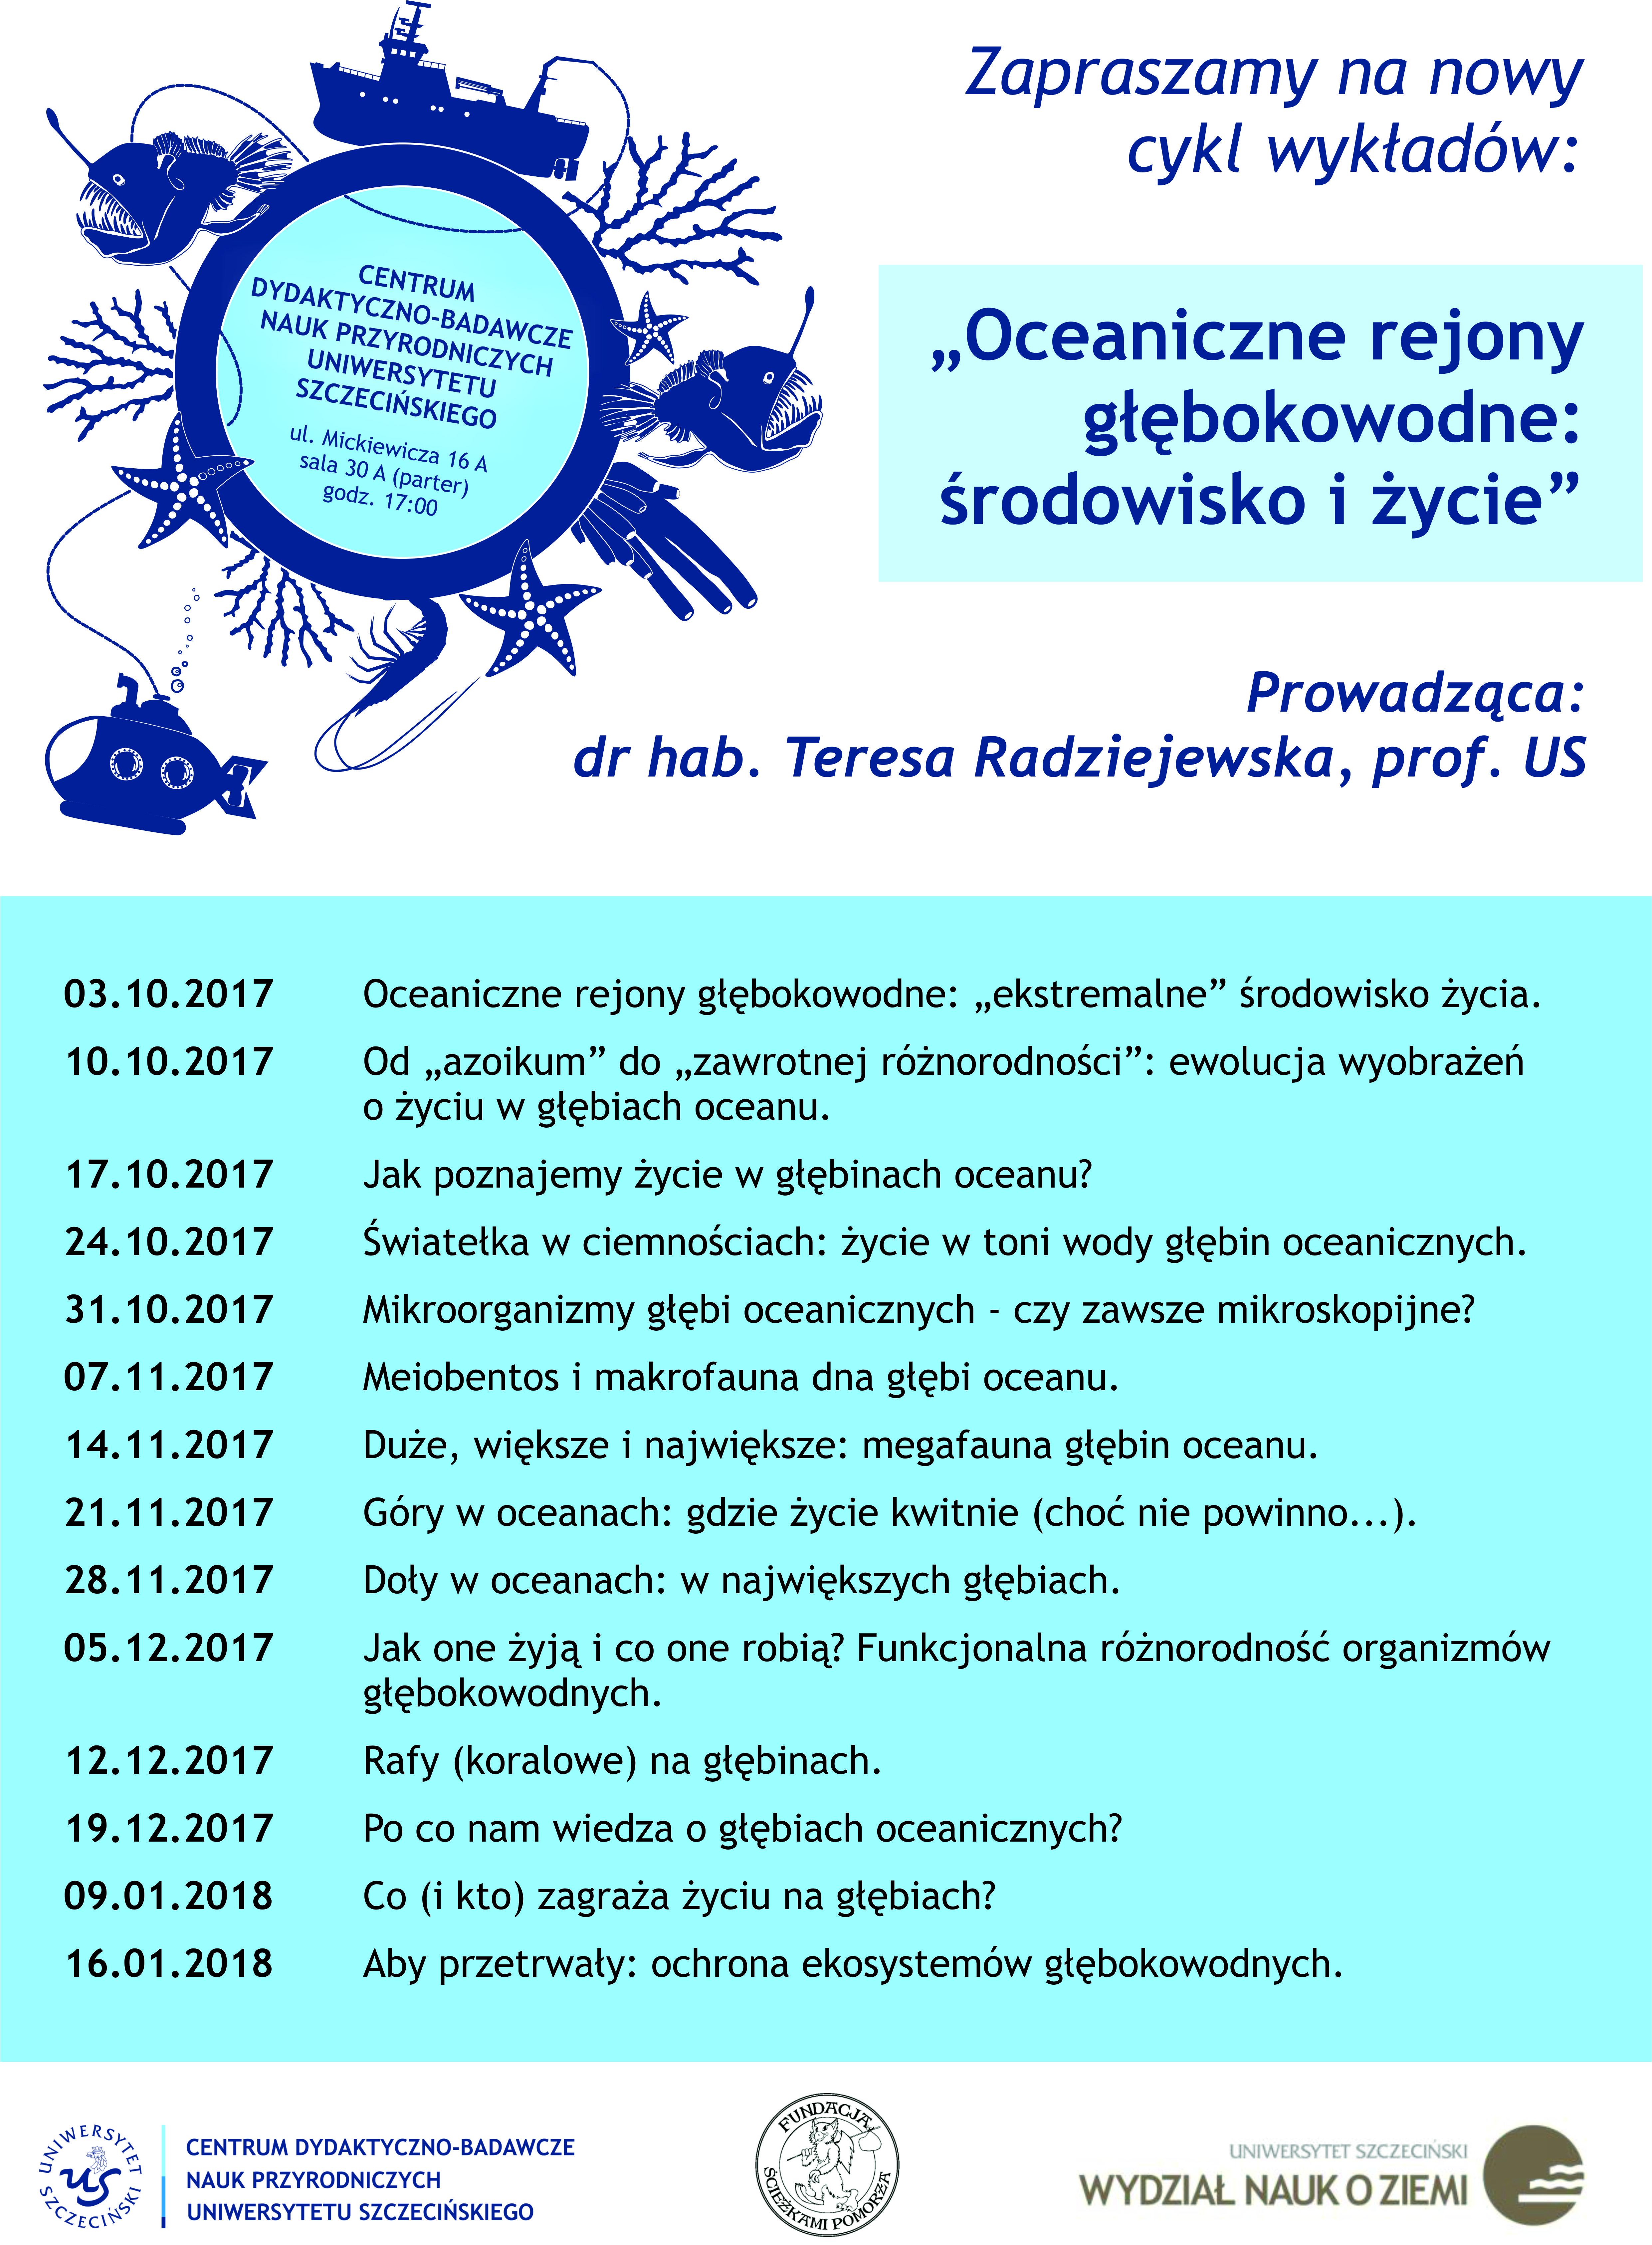 """Nowy cykl wykładów """"Oceaniczne rejony głębokowodne: środowisko i życie"""""""